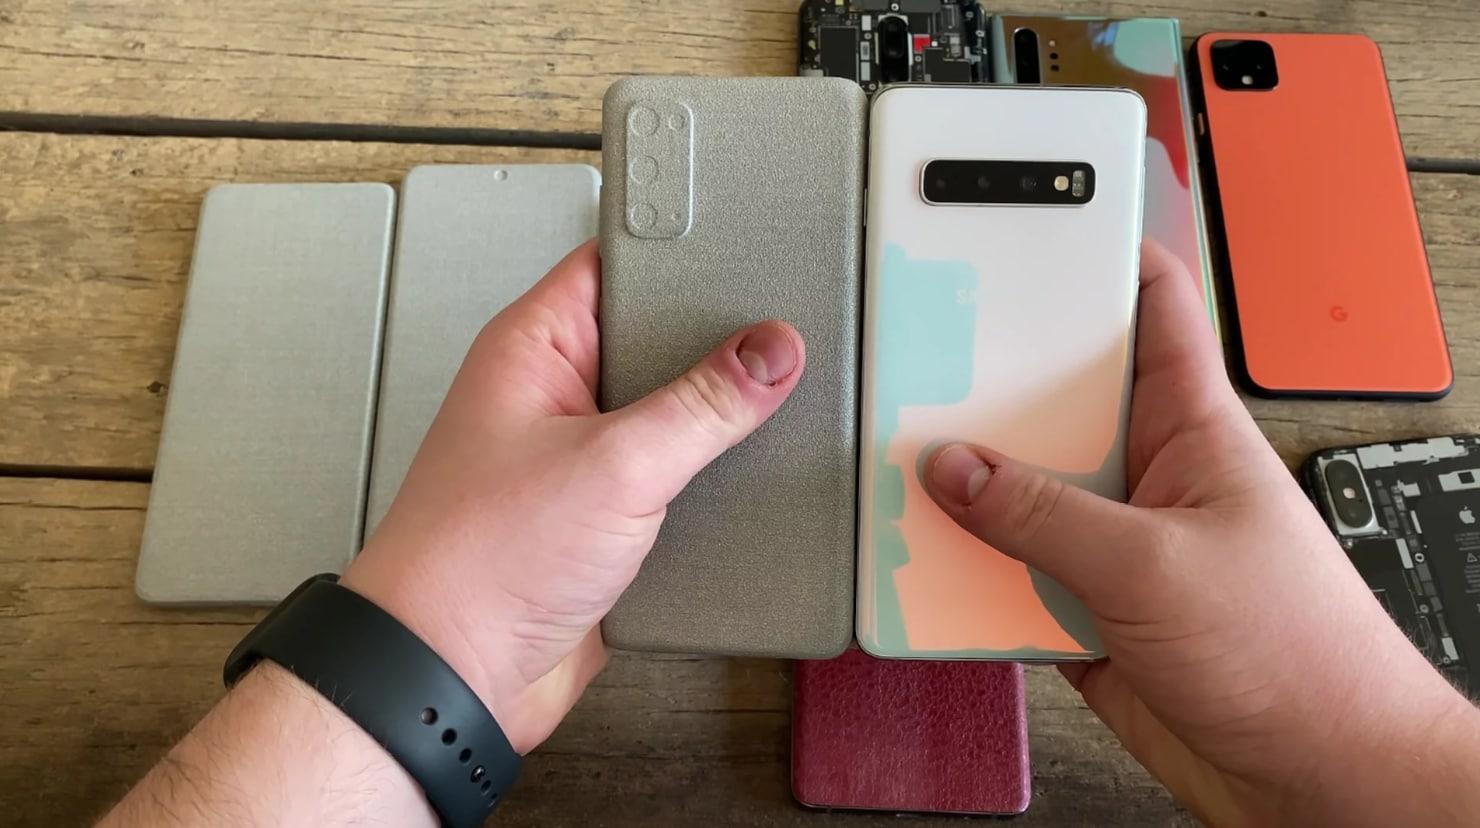 Galaxy S20: più schermo e ancora meno bordi. Ecco un confronto con Note10/S10 (video)